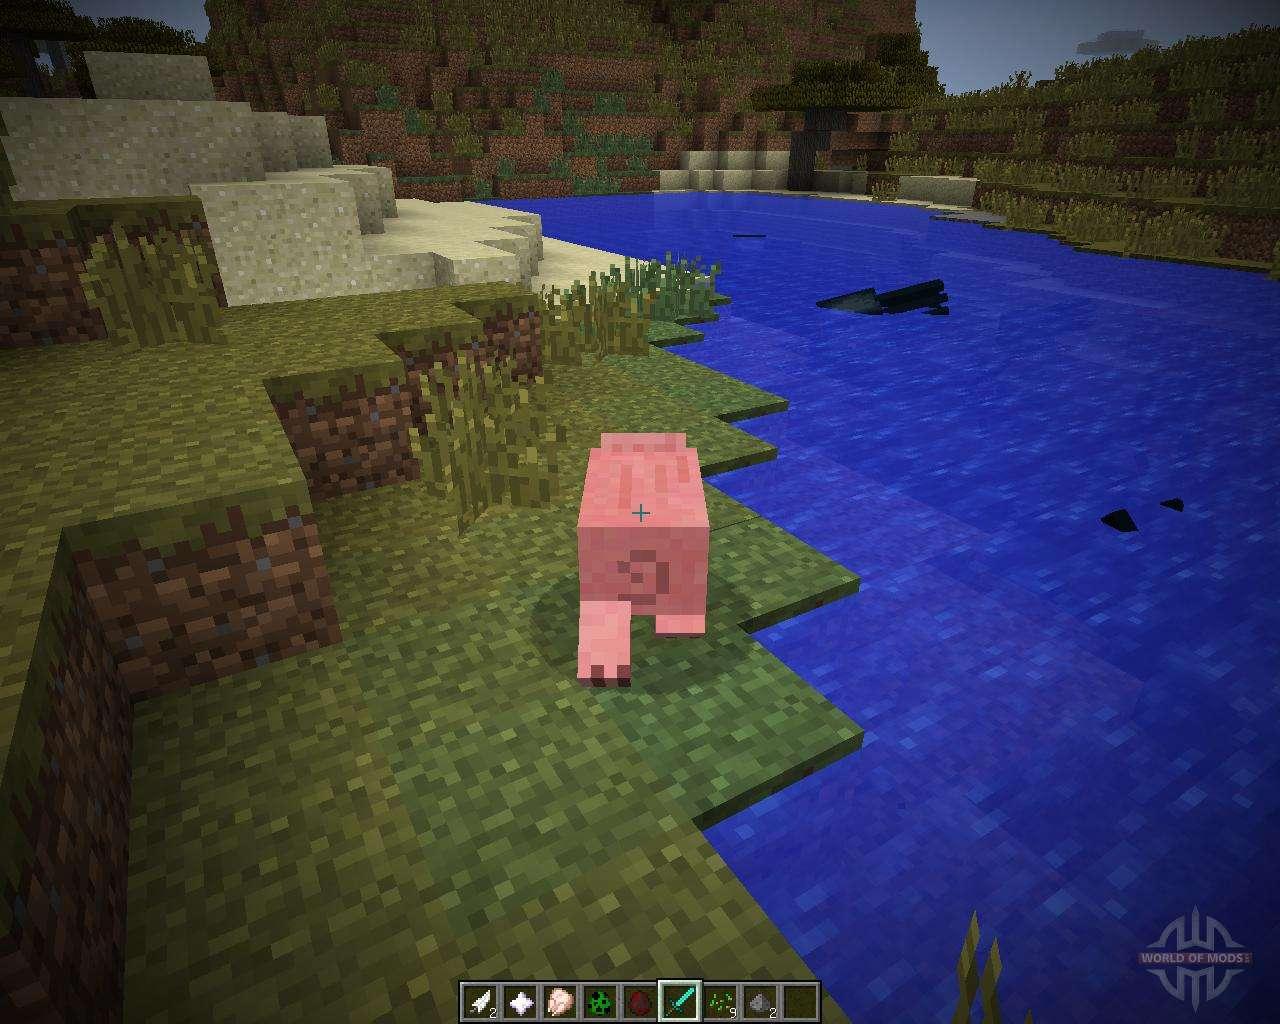 Скачать Майнкрафт (Minecraft) 1.7.2